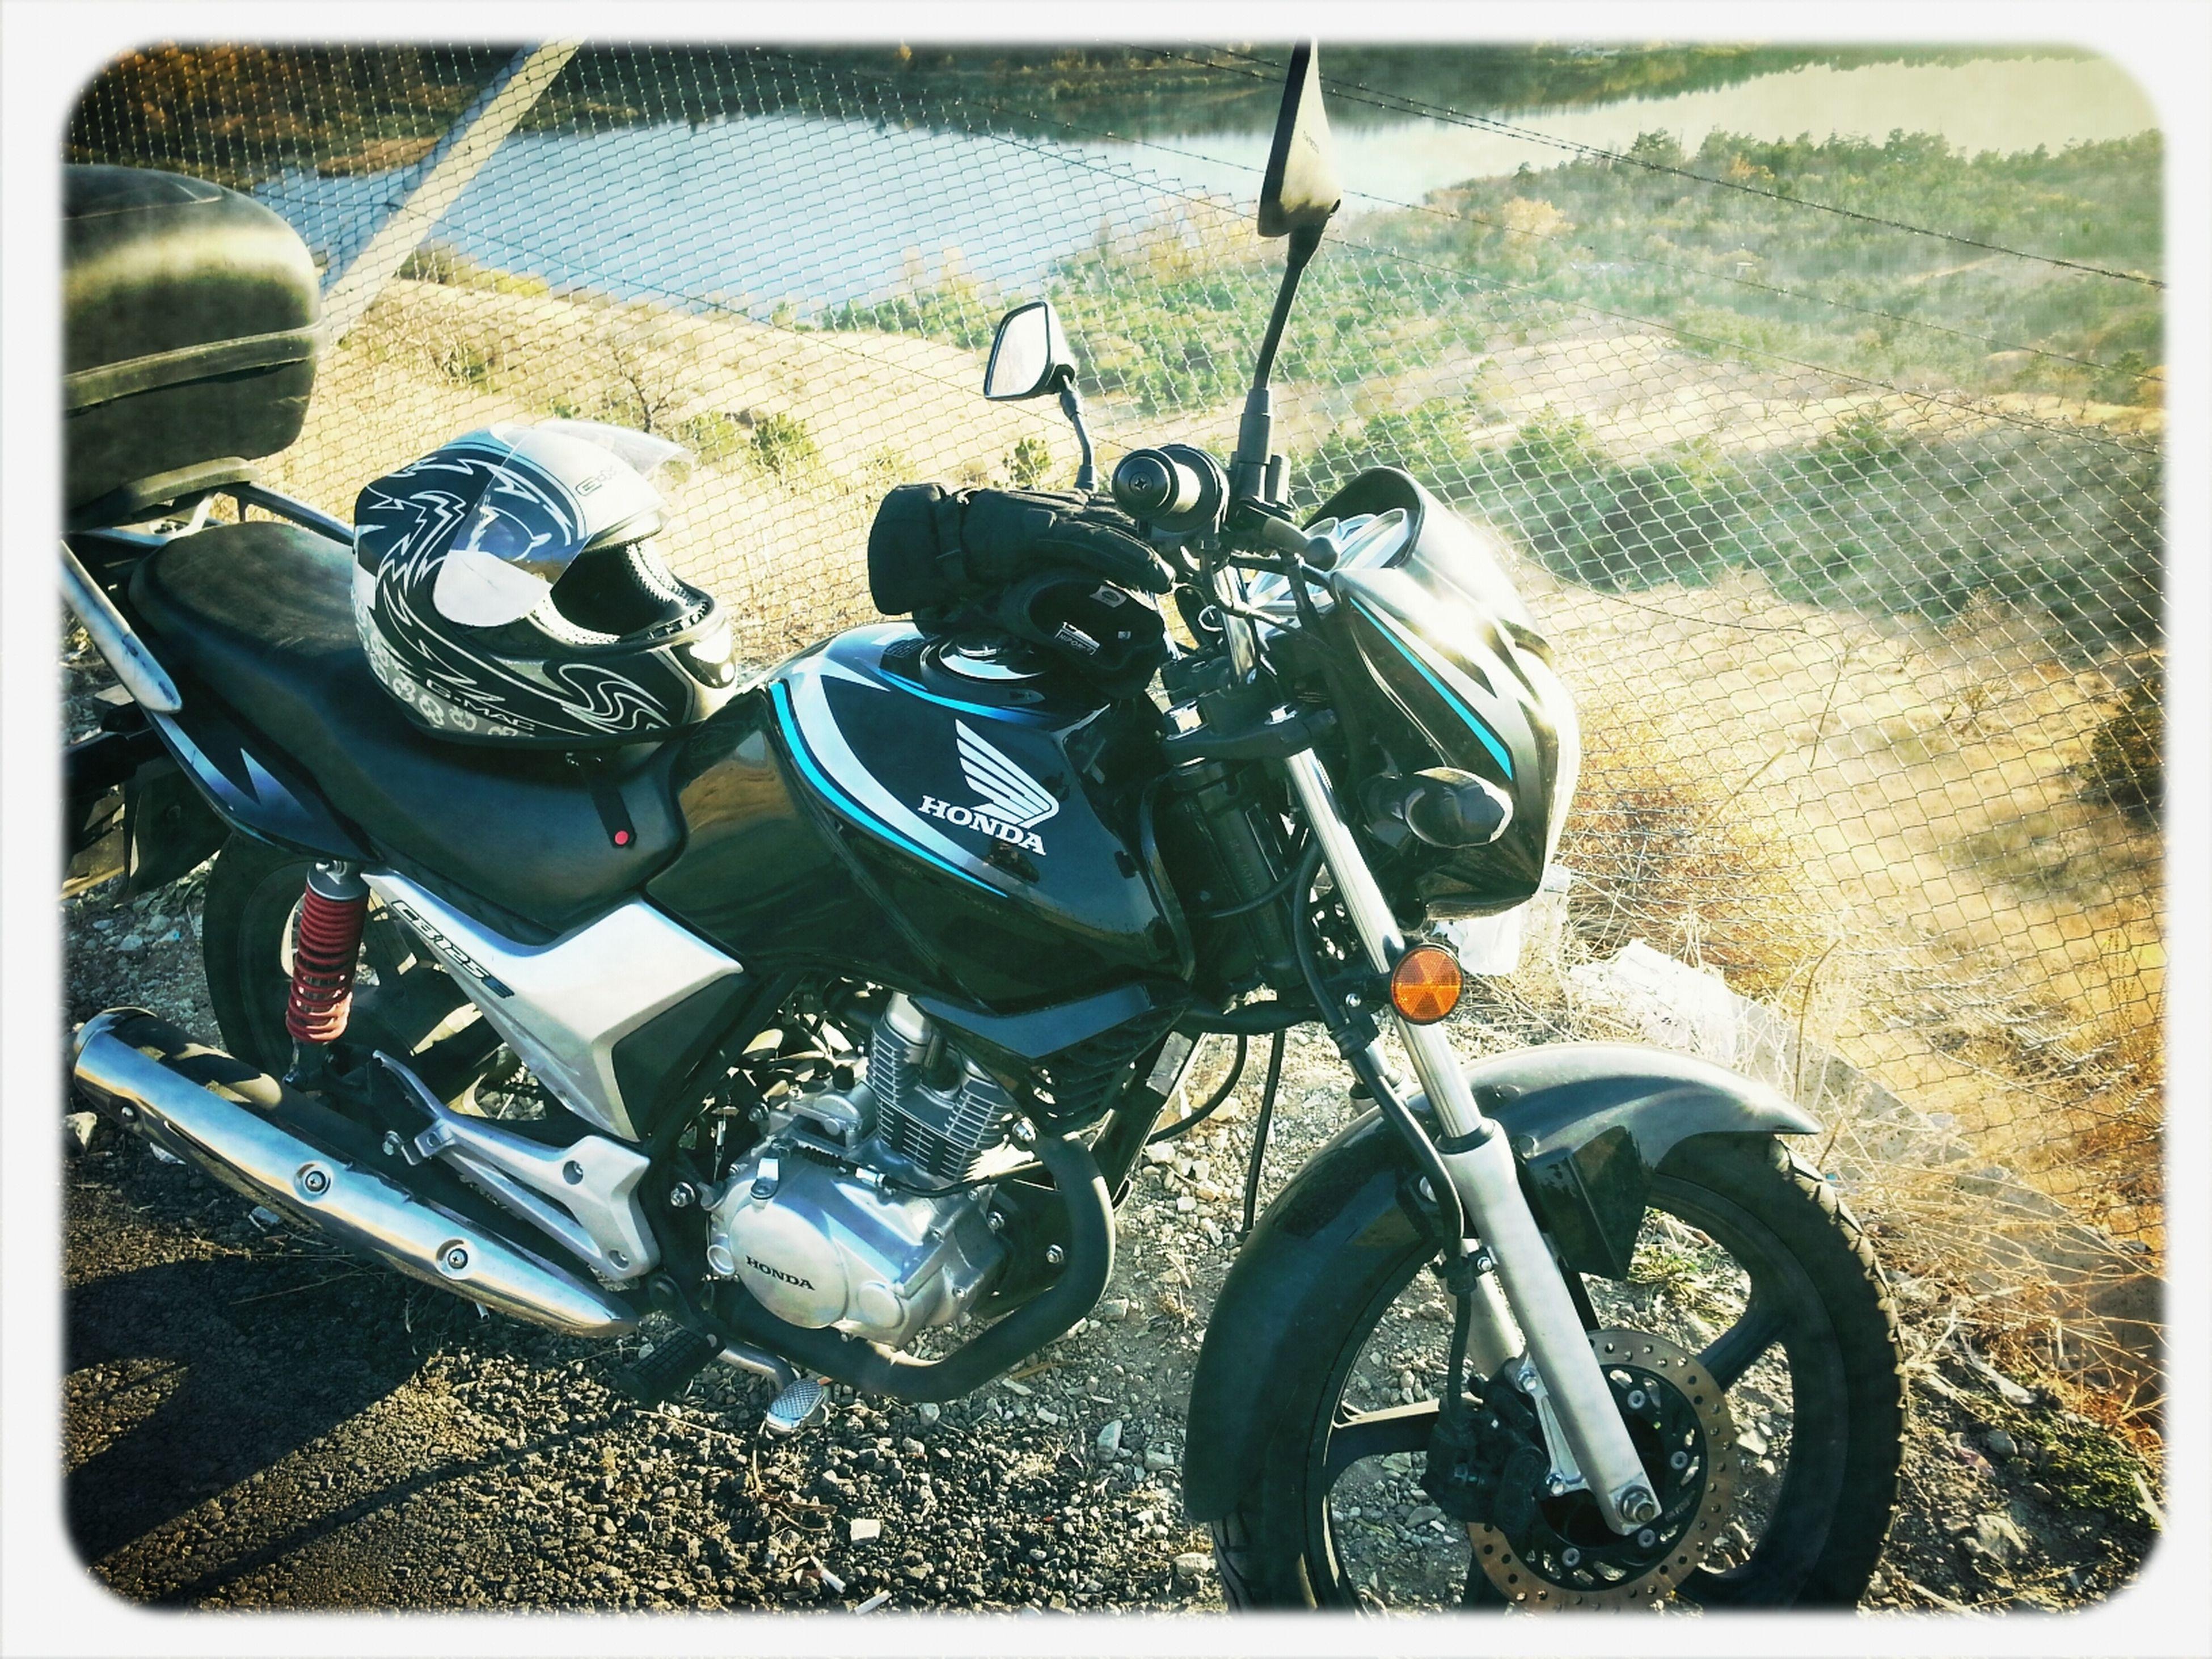 Motorize akşamlar. .. Sunbathing